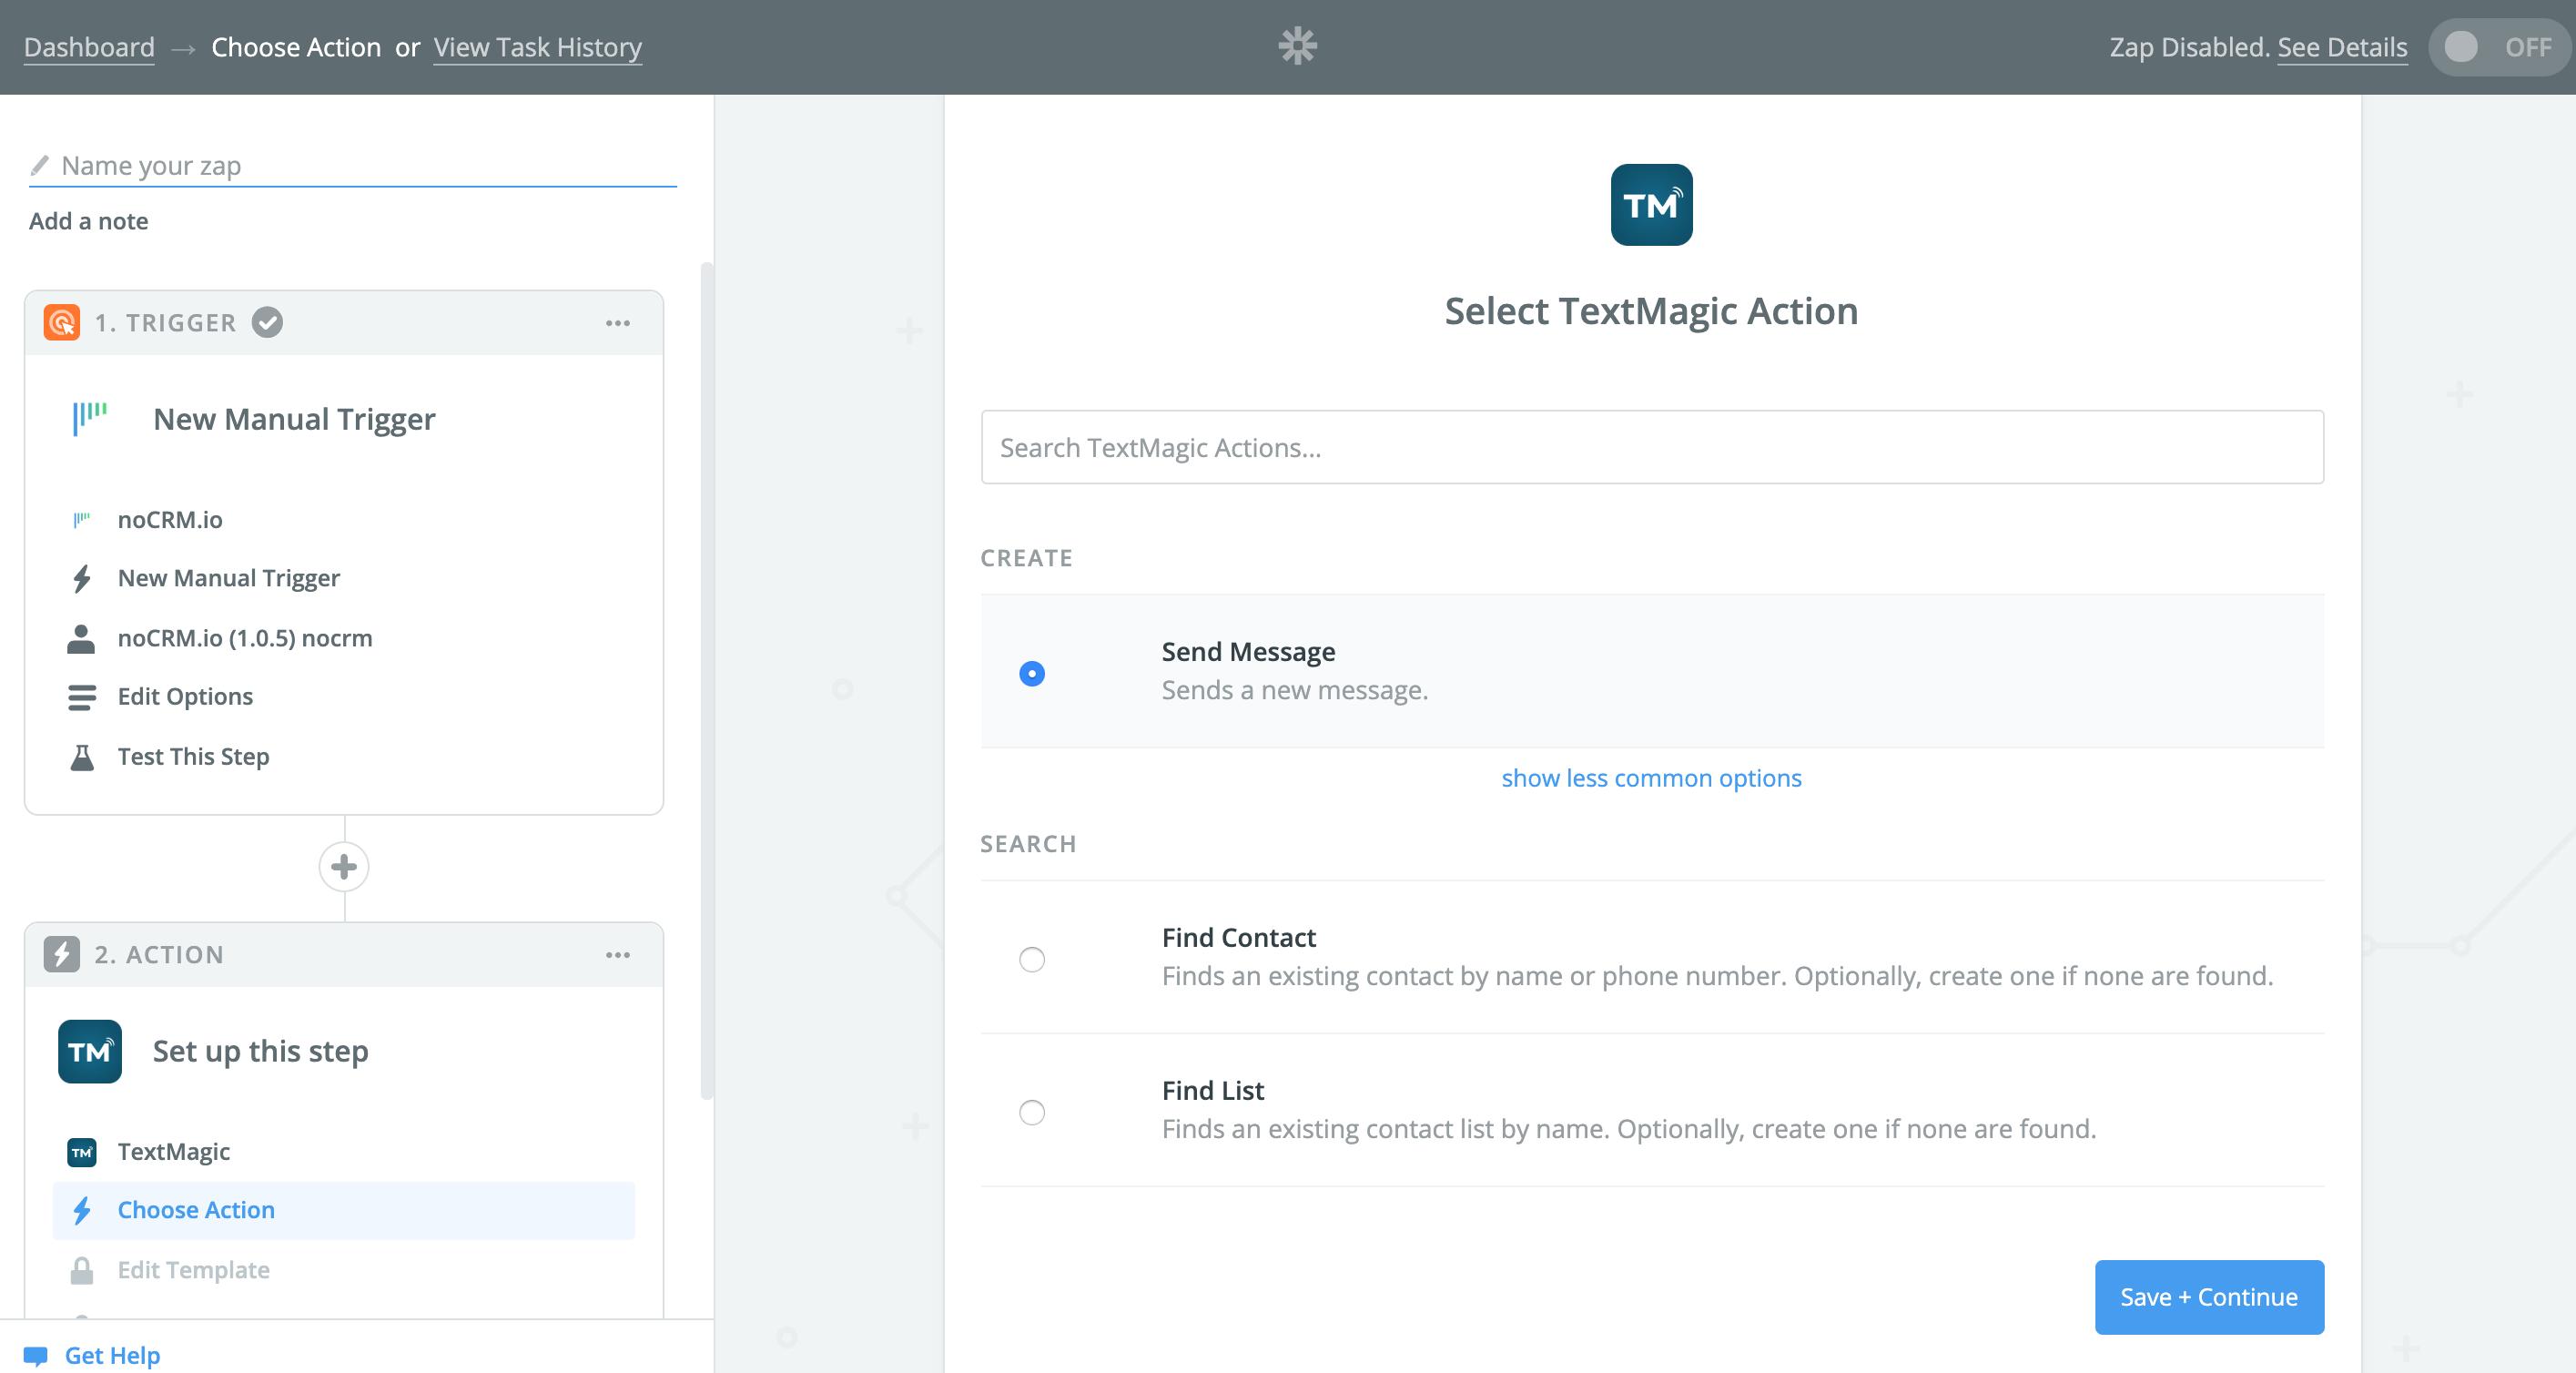 textmagic send message action